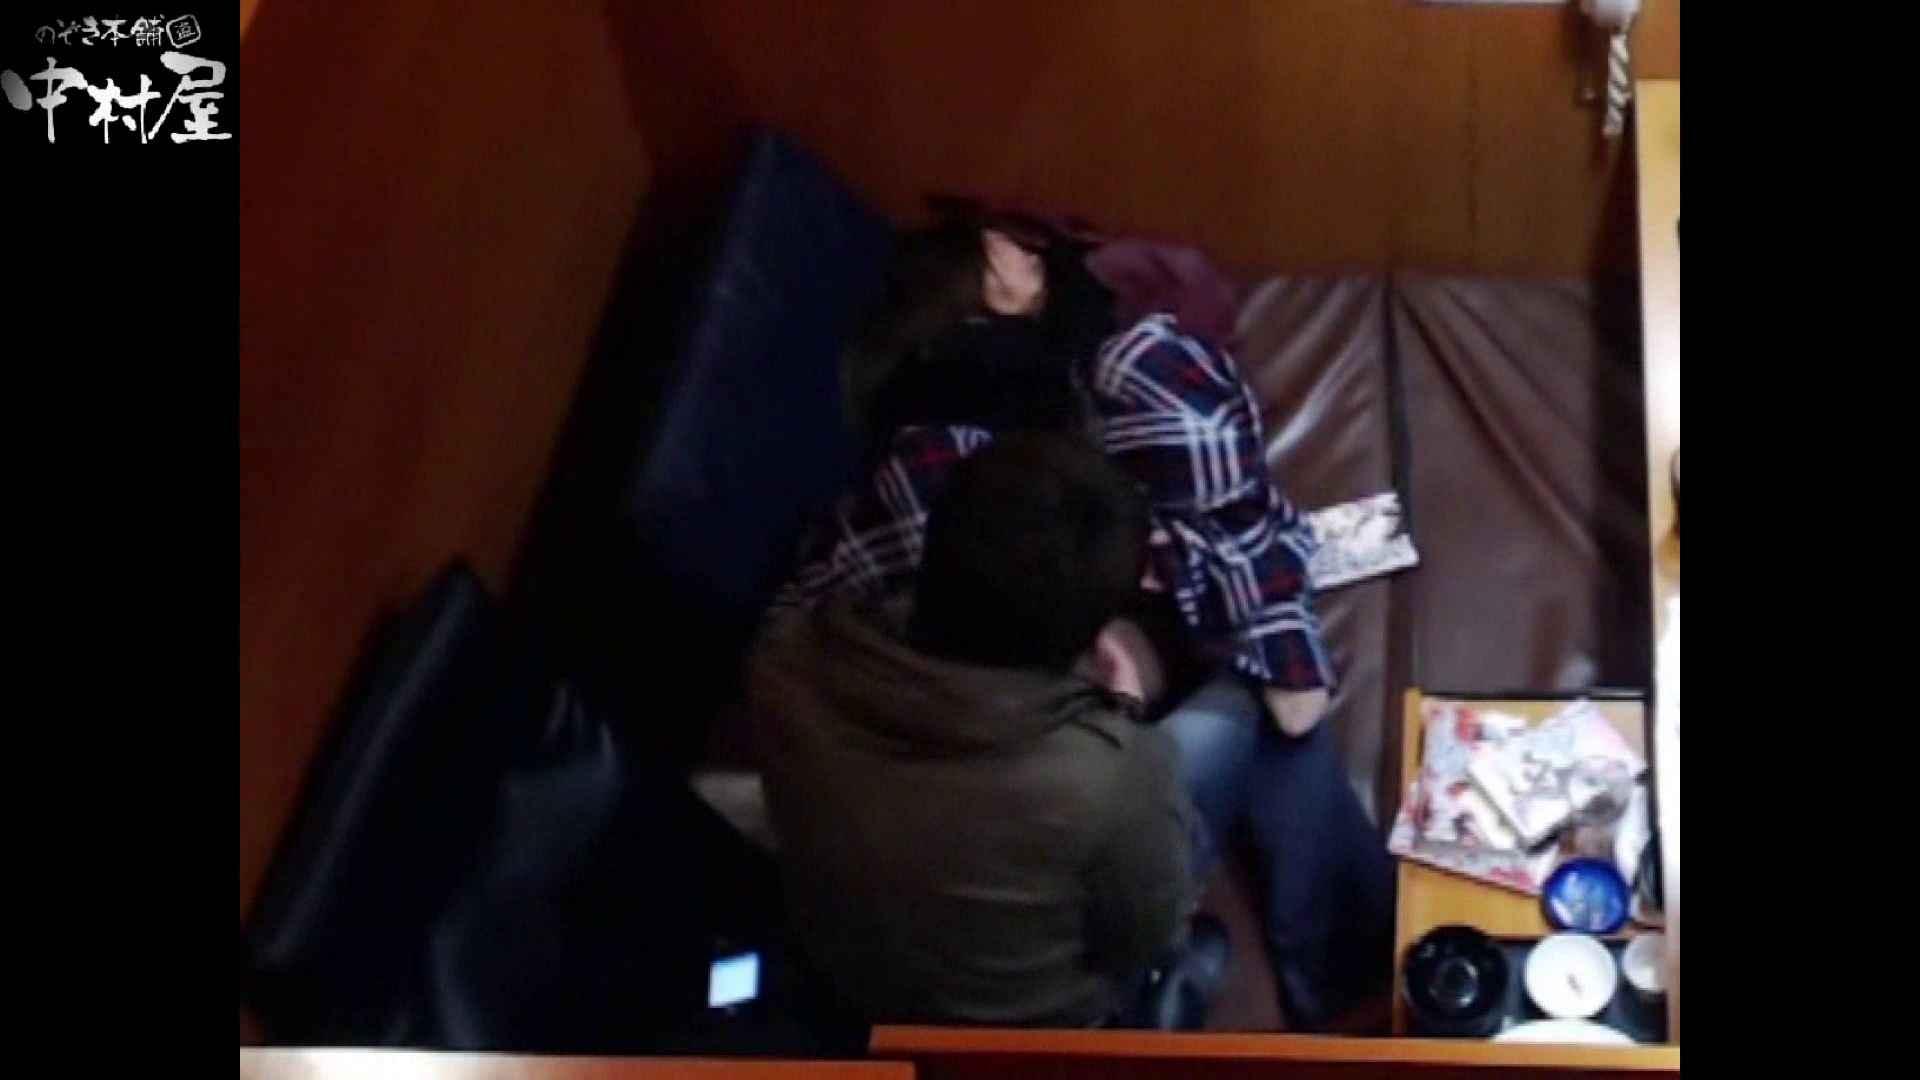 ネットカフェ盗撮師トロントさんの 素人カップル盗撮記vol.4 お姉さんの乳首 えろ無修正画像 101PIX 96